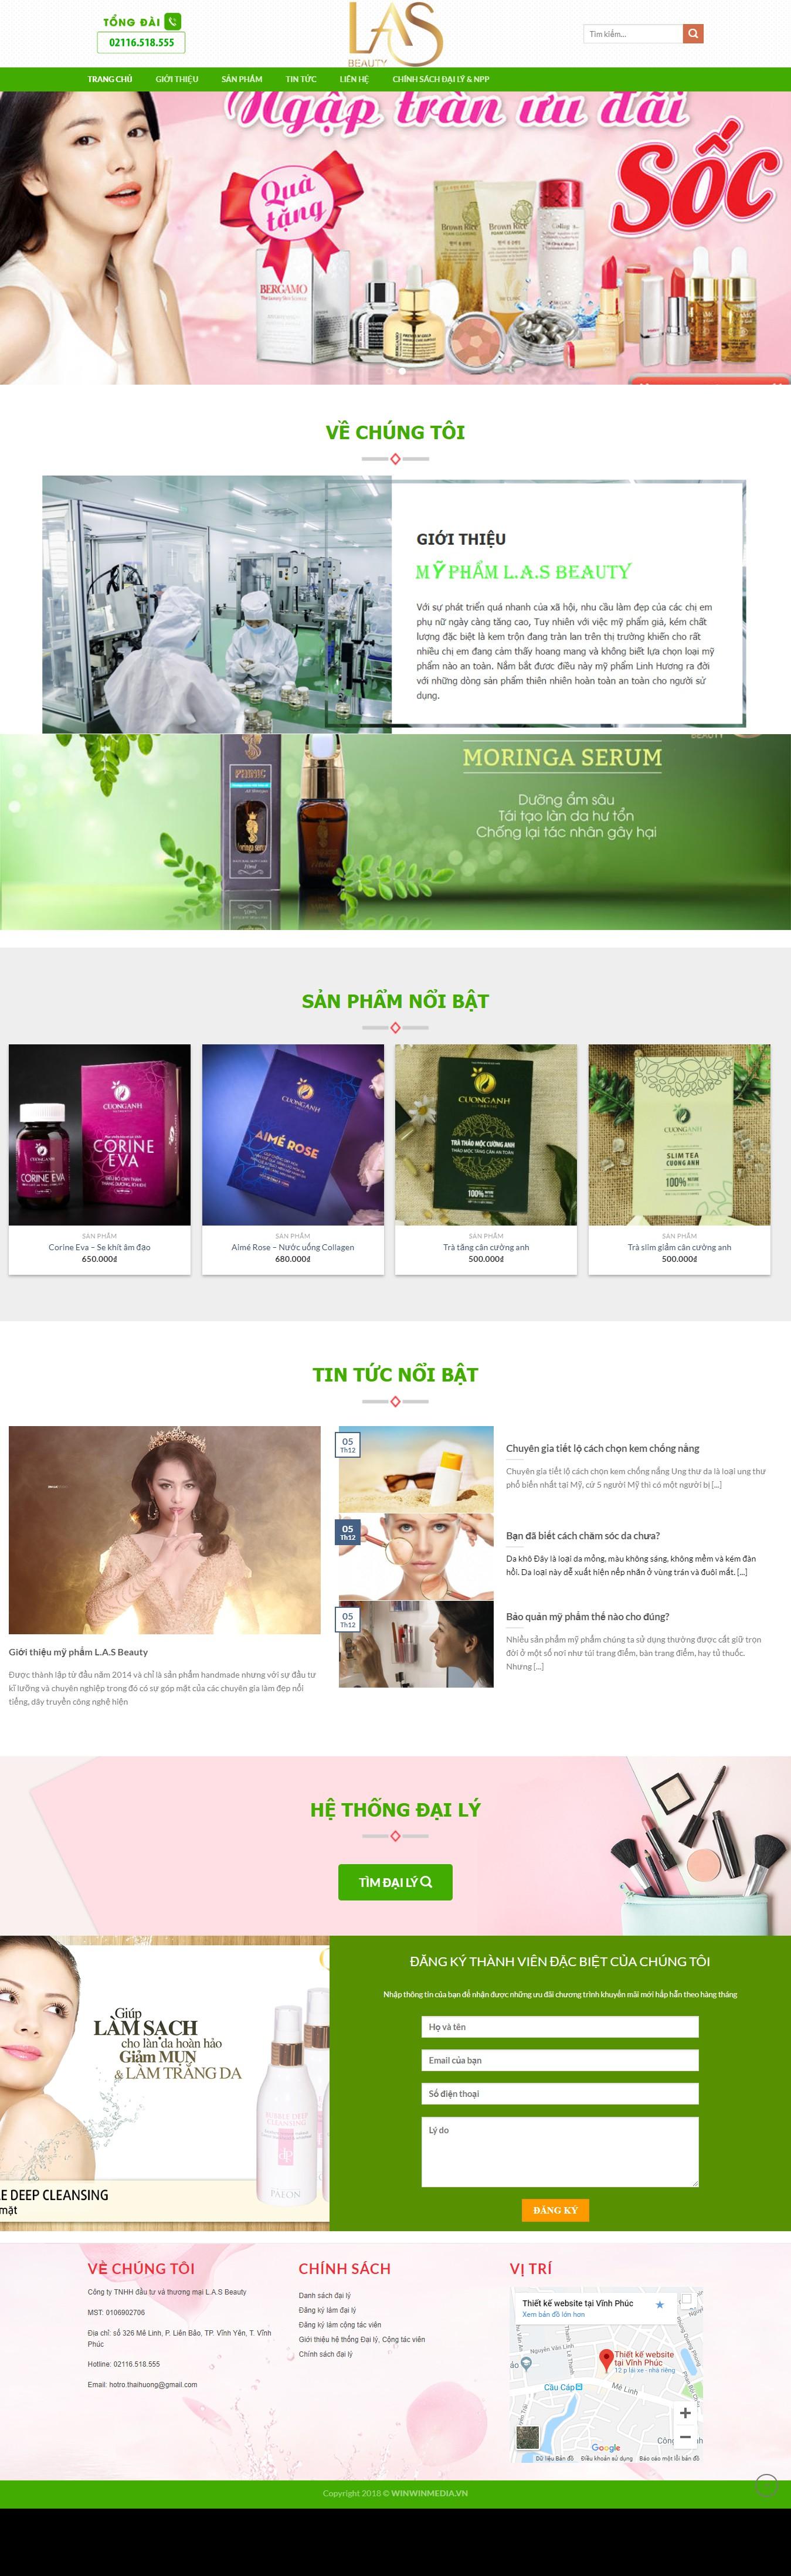 Mẫu website giới thiệu của hàng mỹ phẩm